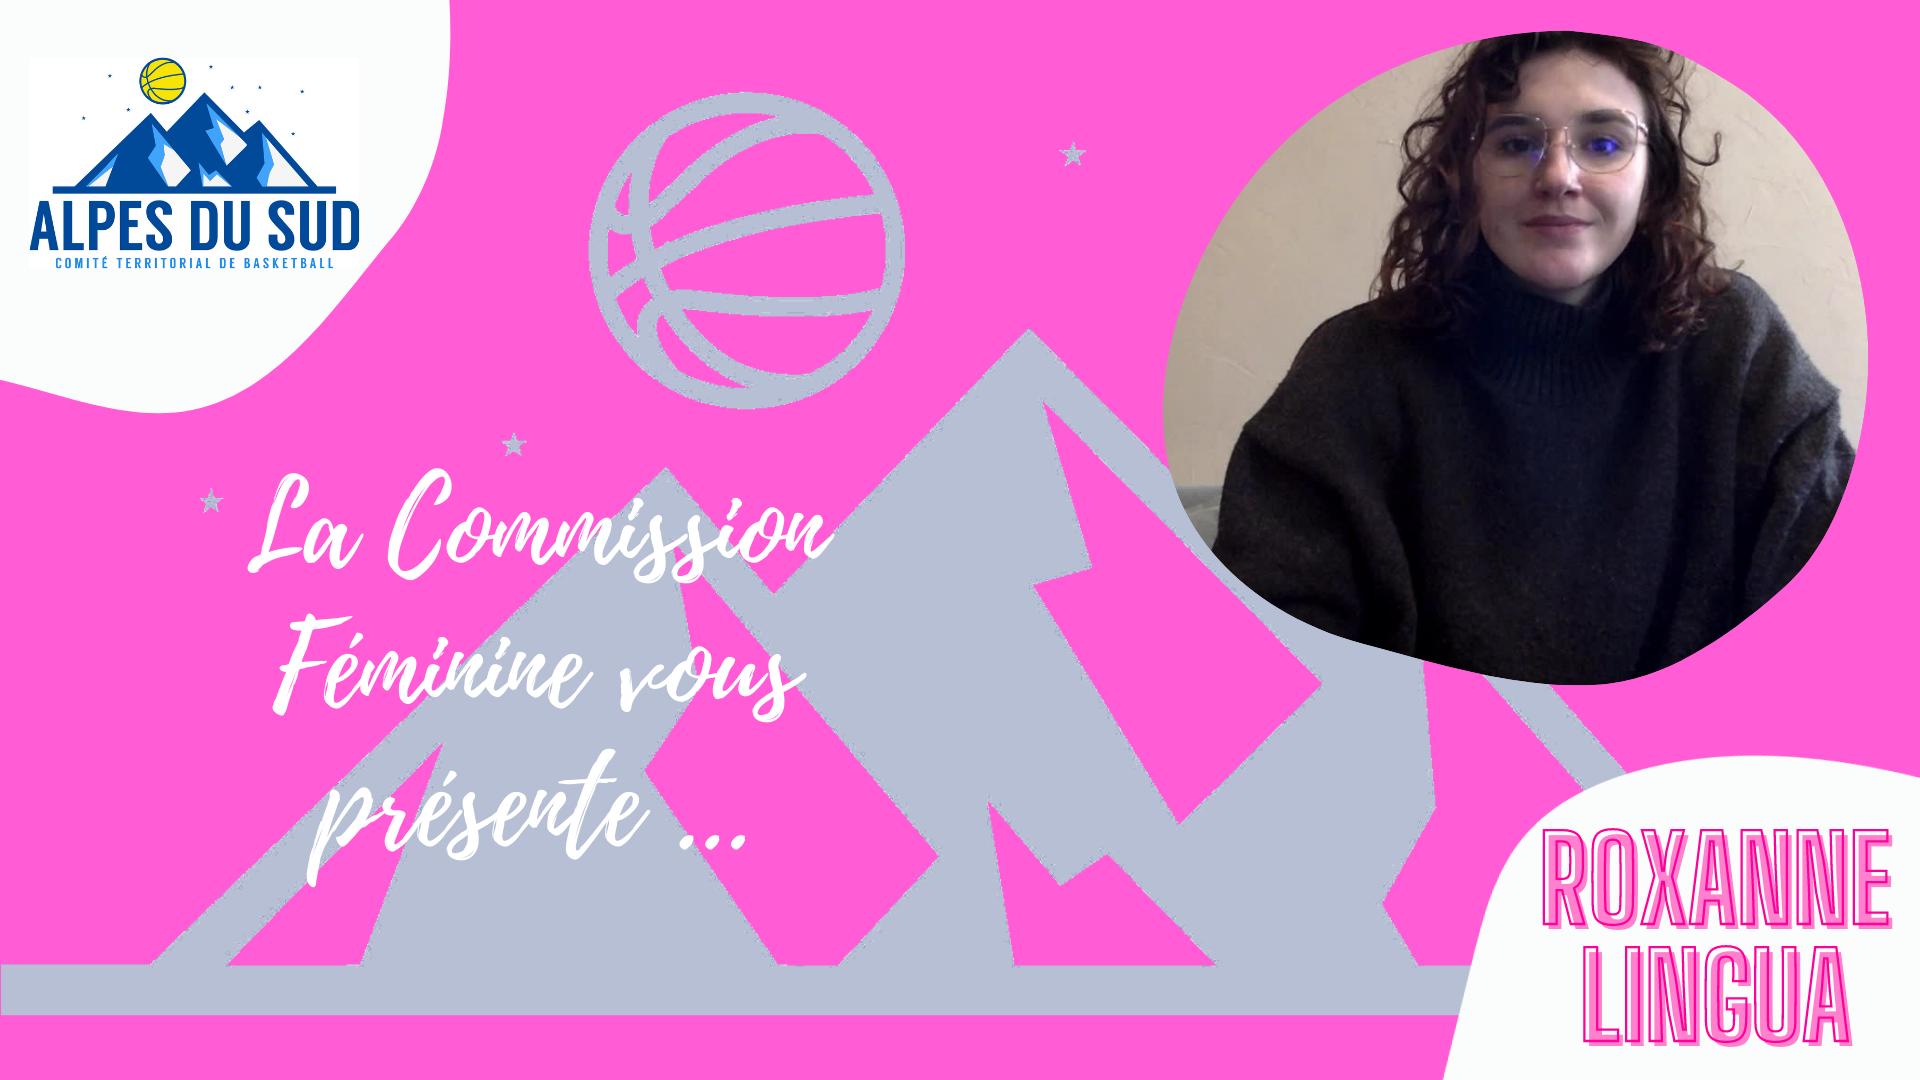 Roxanne LINGUA marraine de la commission féminine